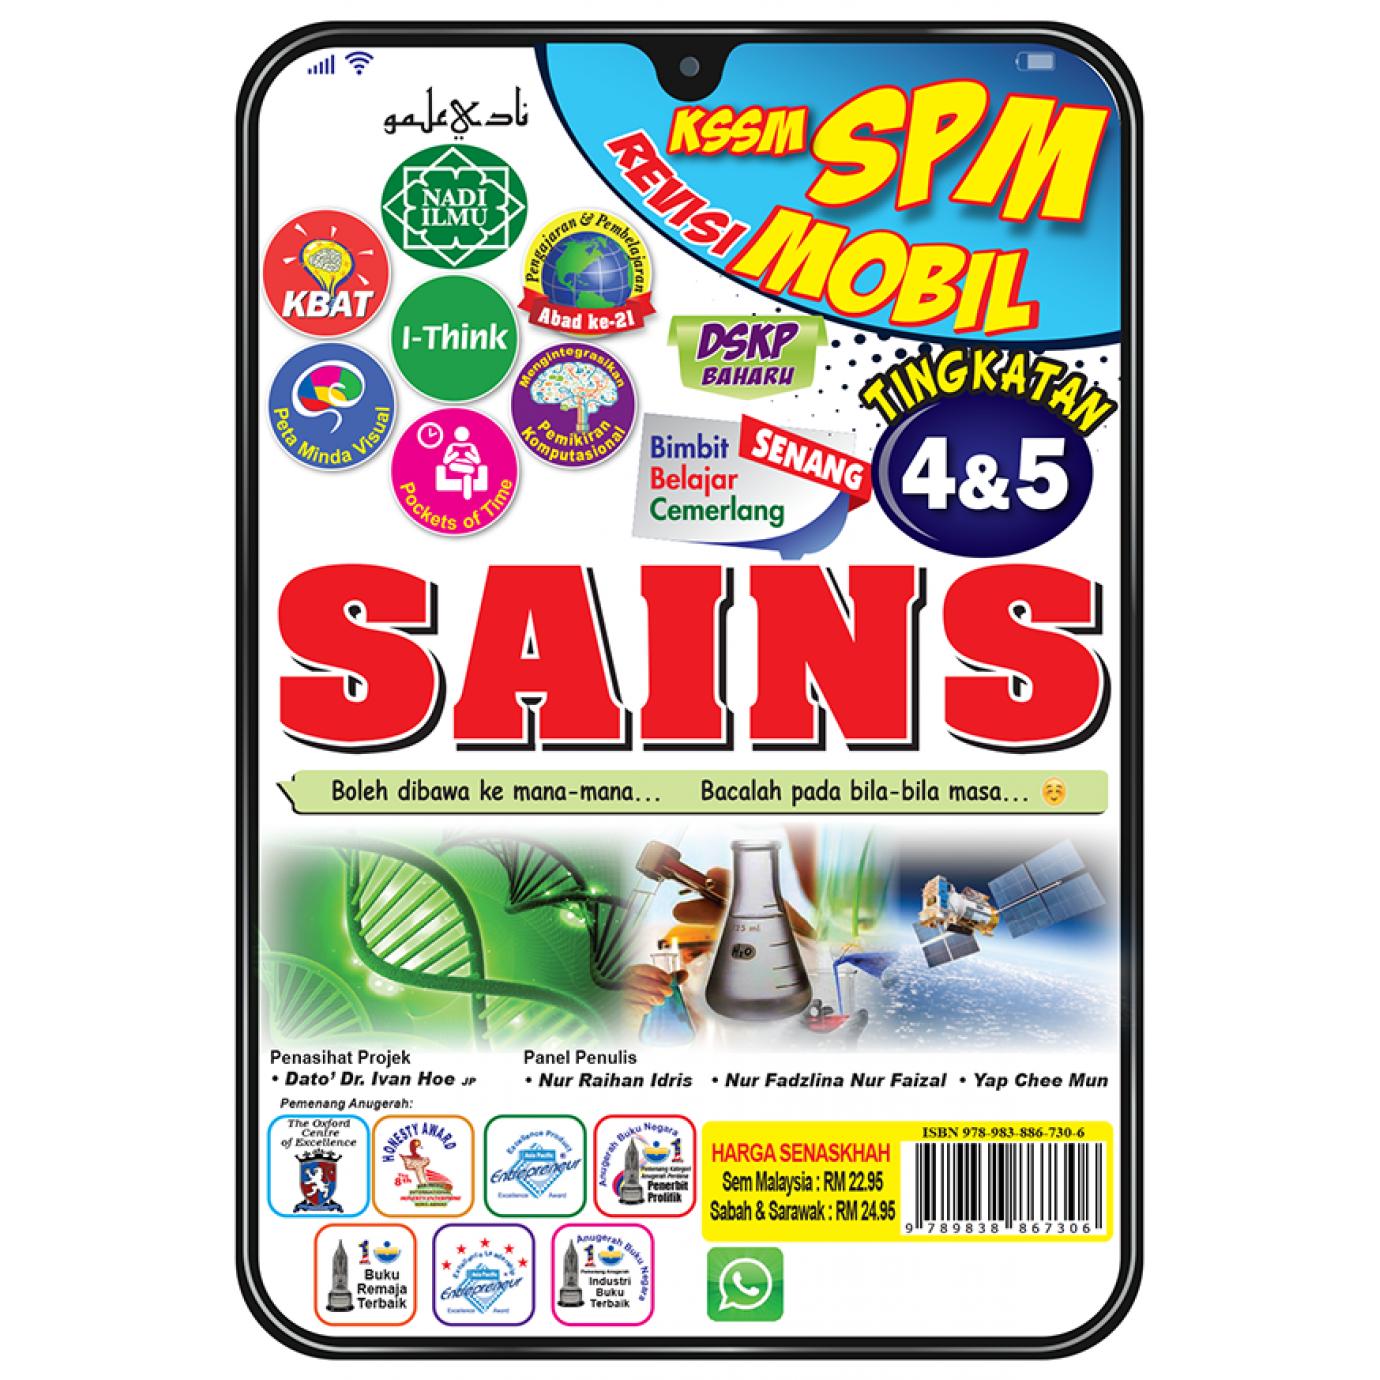 Revisi Mobil KSSM & SPM Sains Tingkatan 4&5